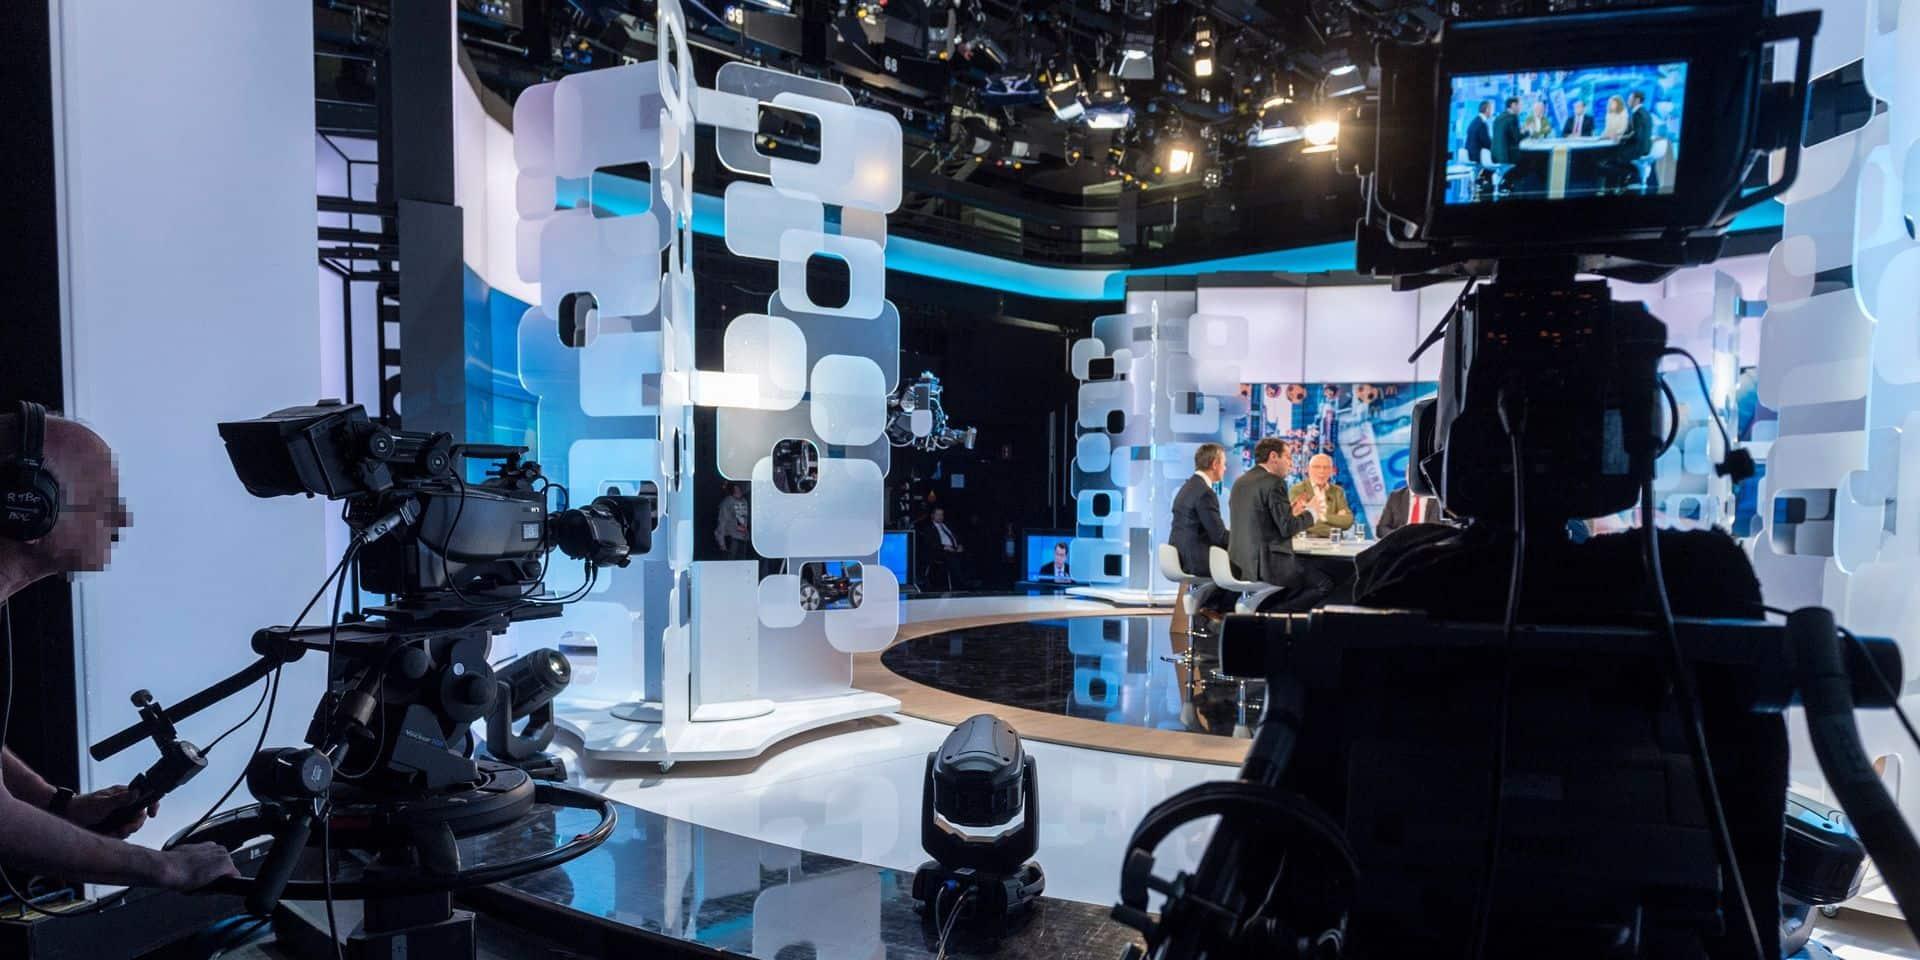 Un paradoxe: malgré un carton dans les audiences, le secteur audiovisuel est plombé par la crise sanitaire